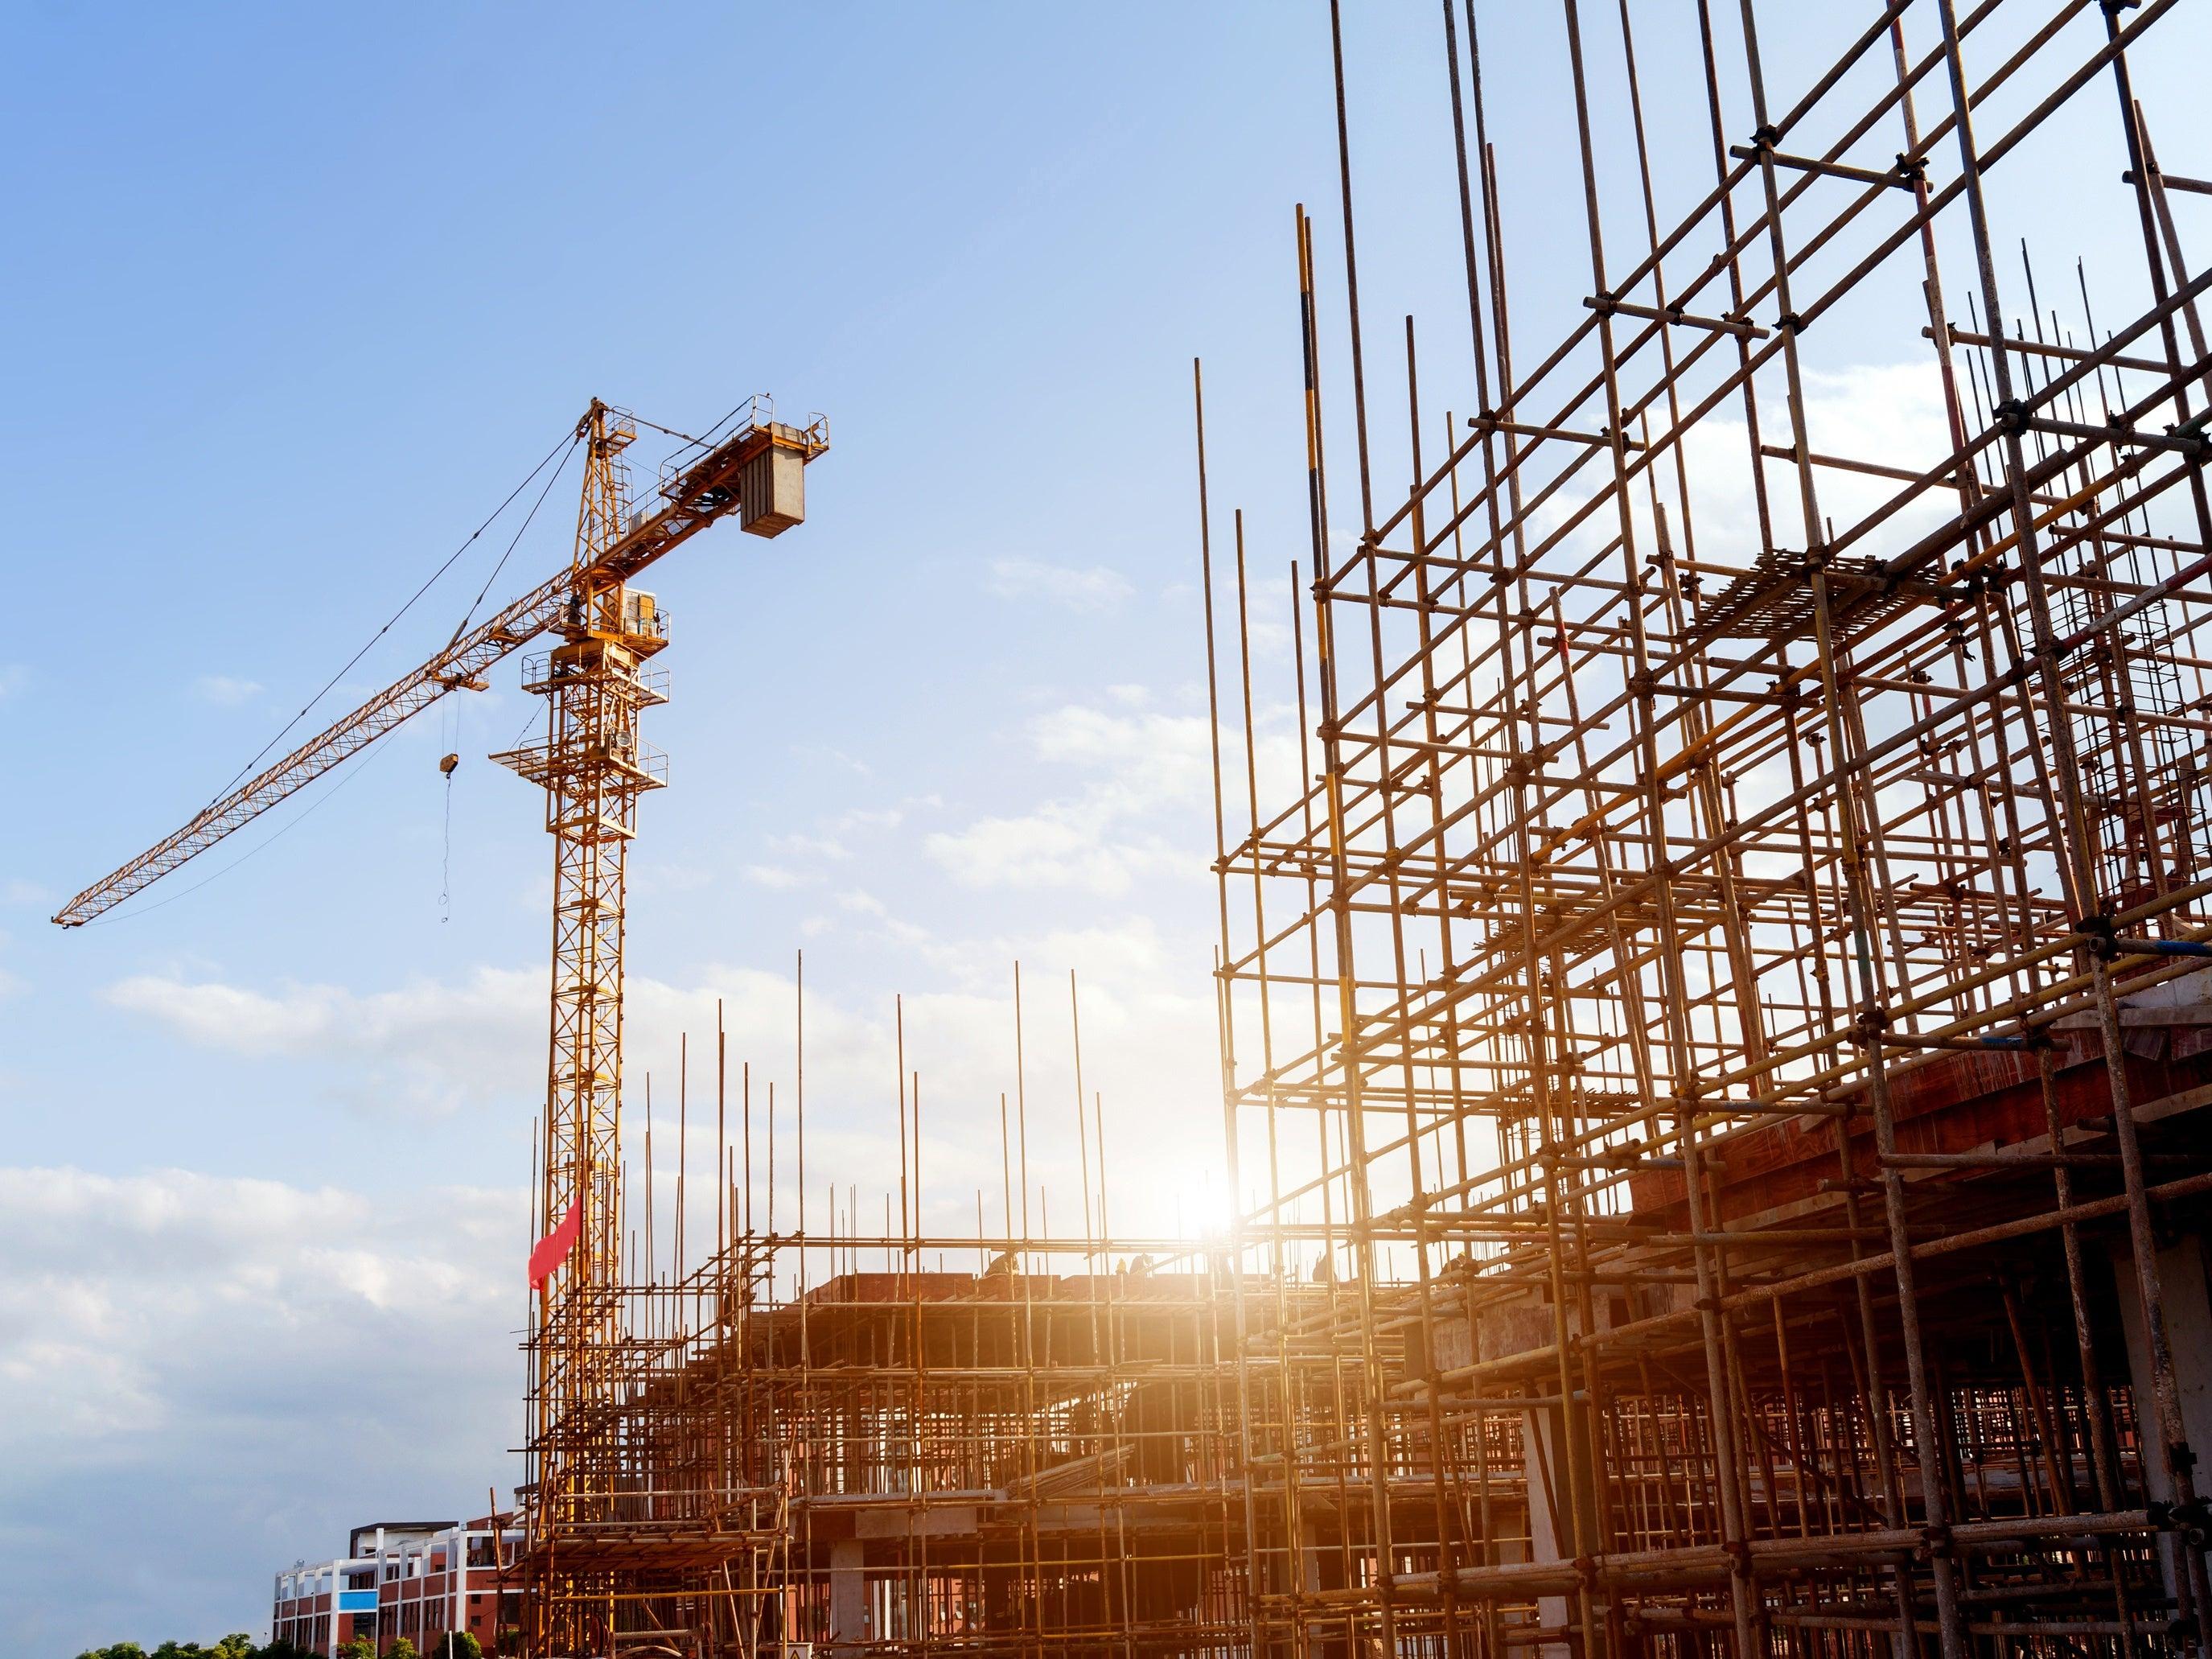 Construction in lockdown – except 'urgent' works